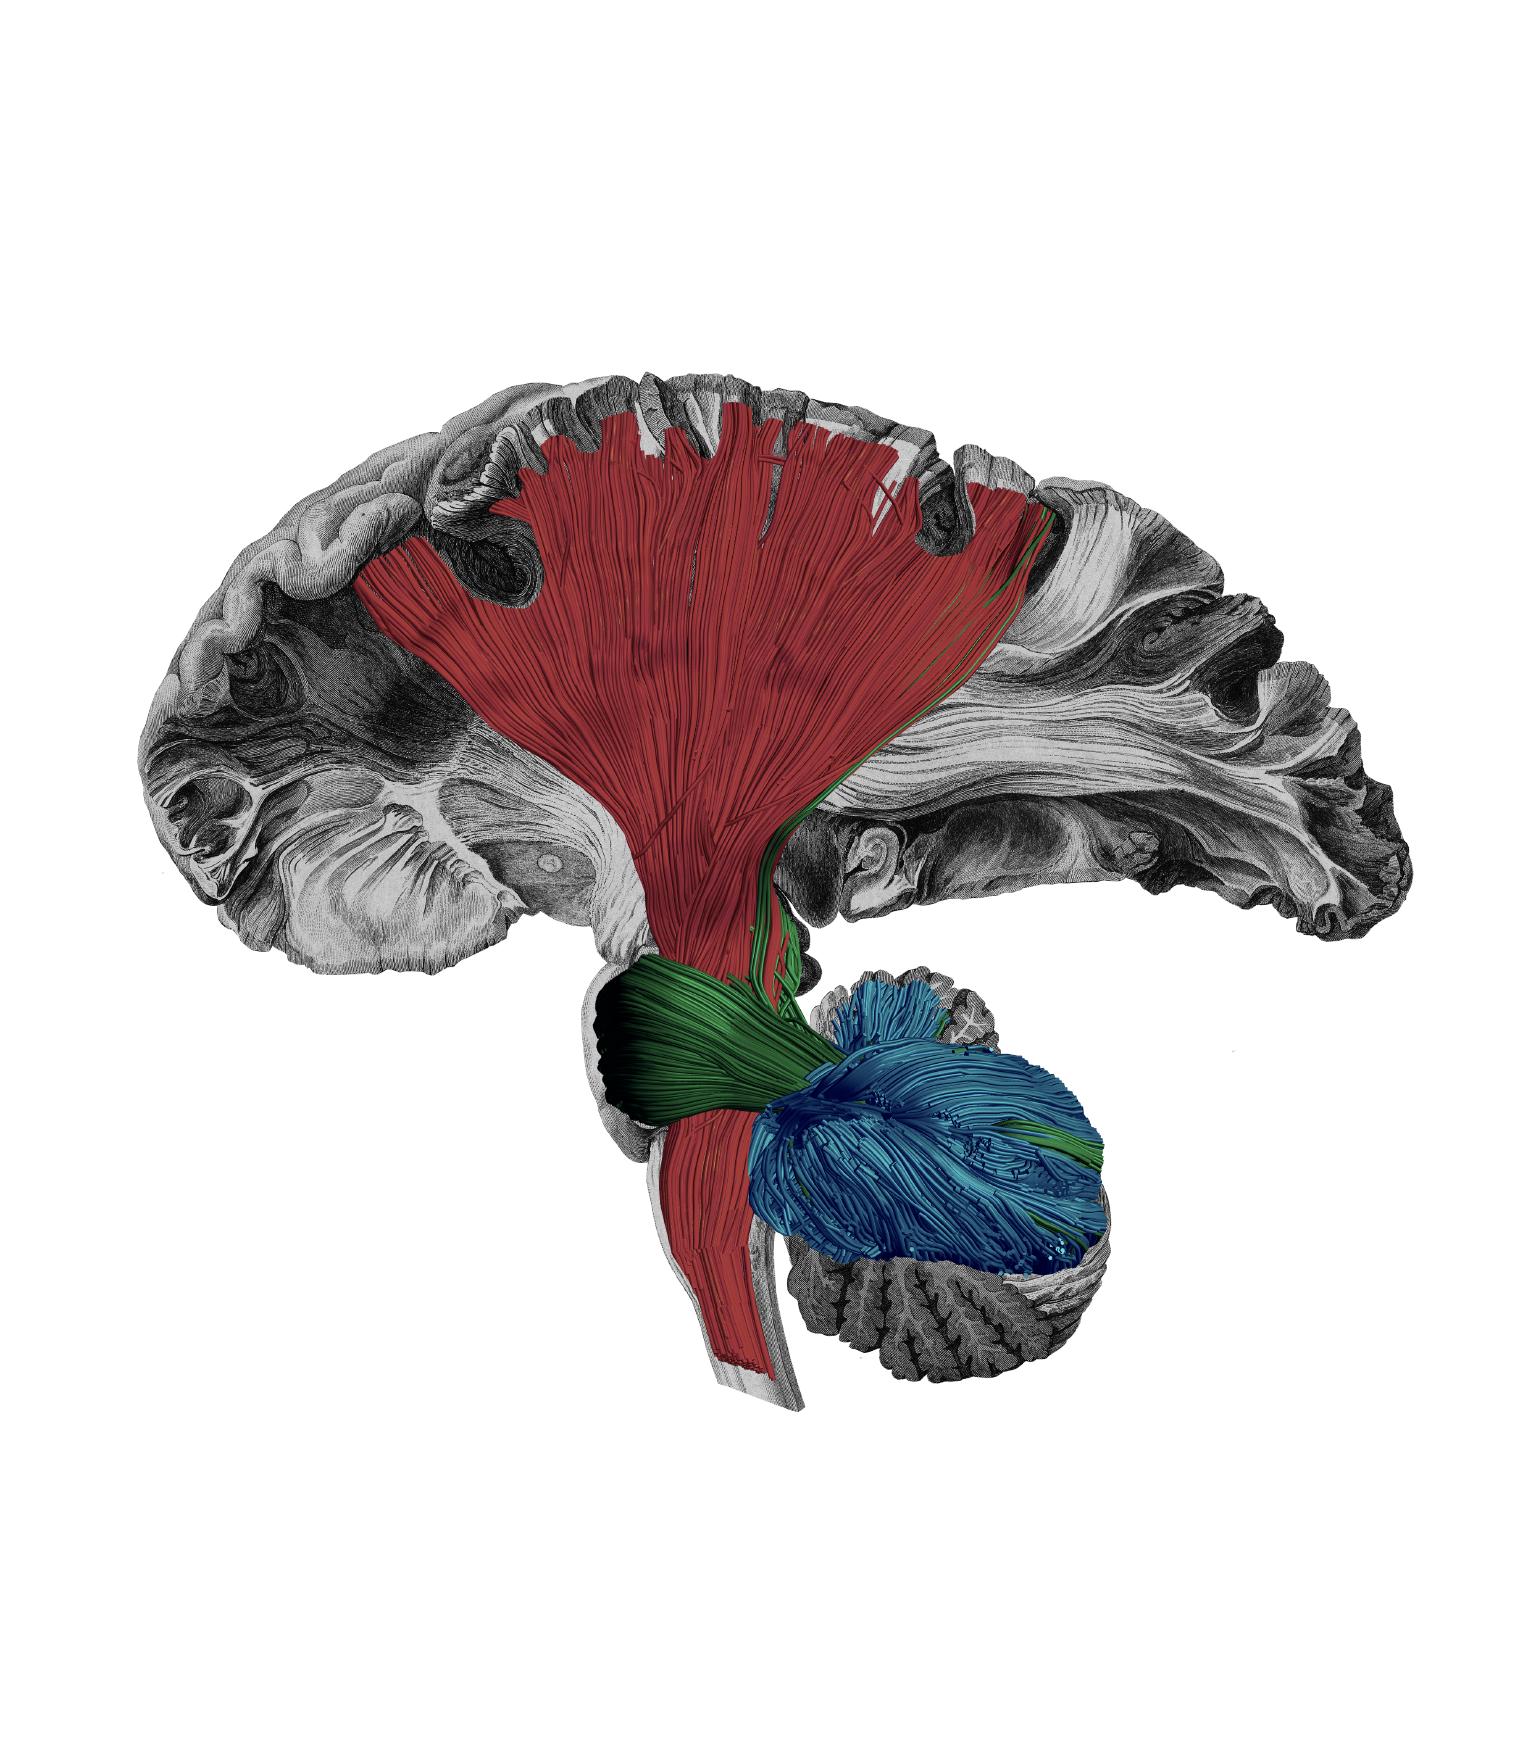 motor white matter networks human brain